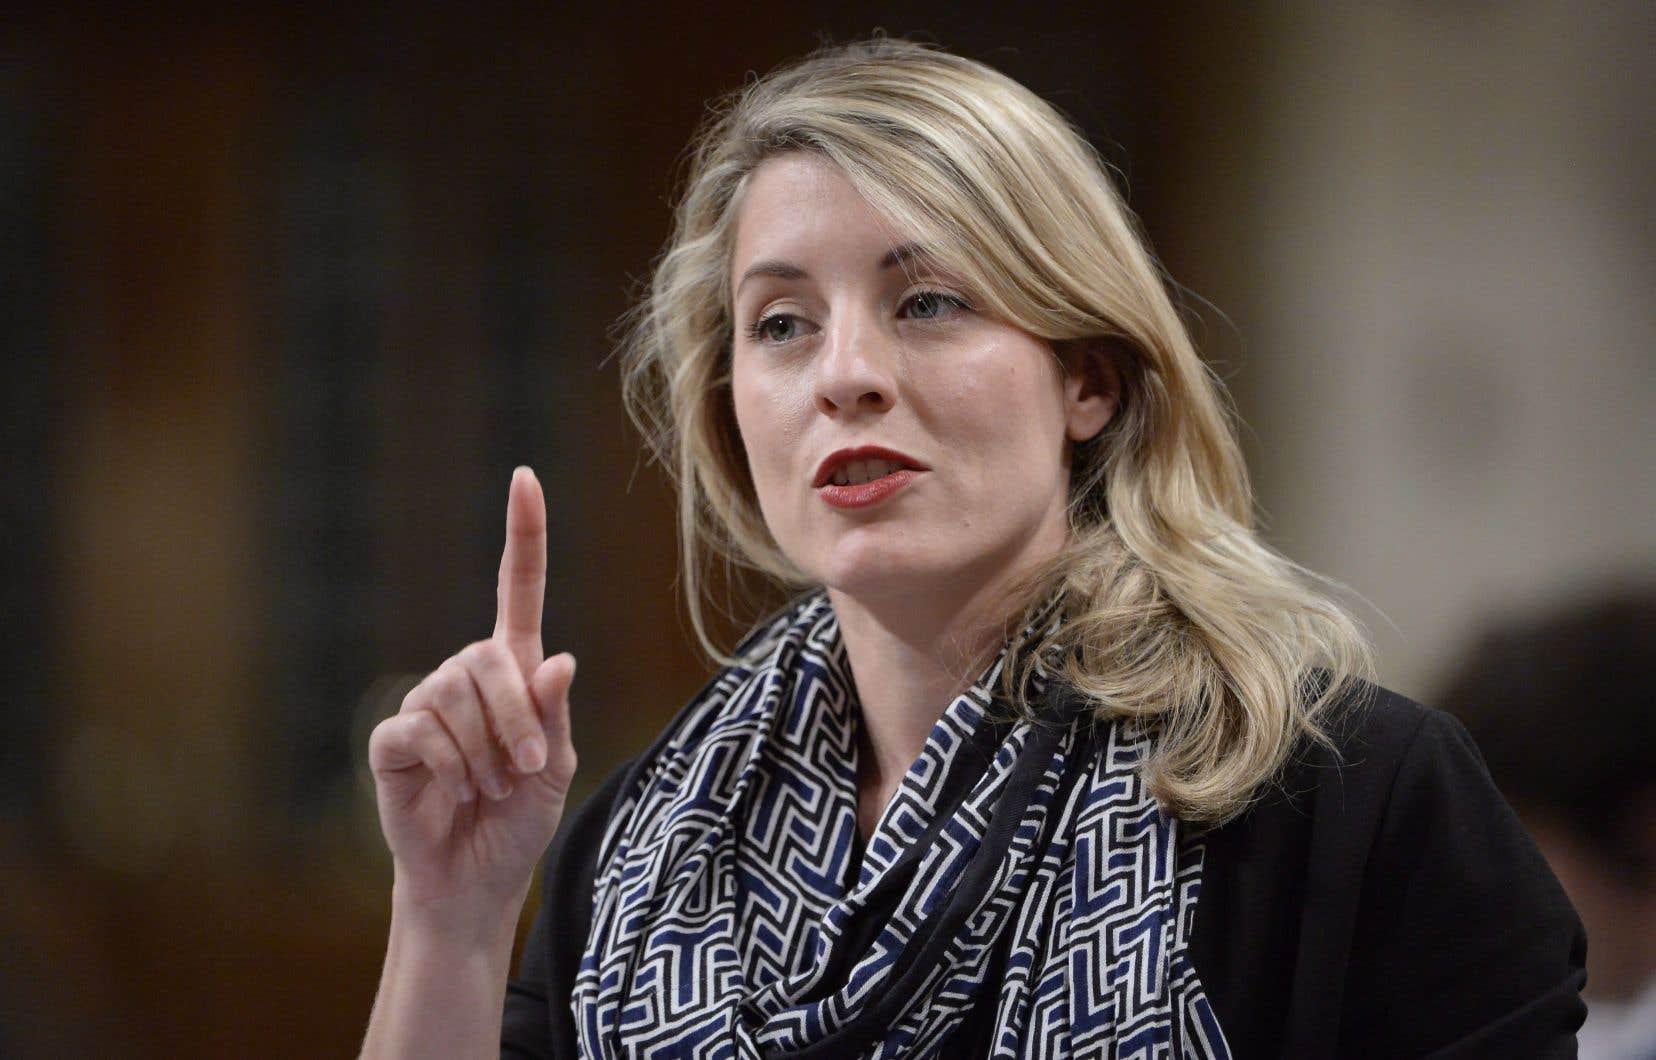 Dans plusieurs entrevues, la ministre Mélanie Joly a laissé entendre qu'aucun pays au monde n'a trouvé la réponse à la question de savoir comment avoir une taxation pour les biens et services numériques.